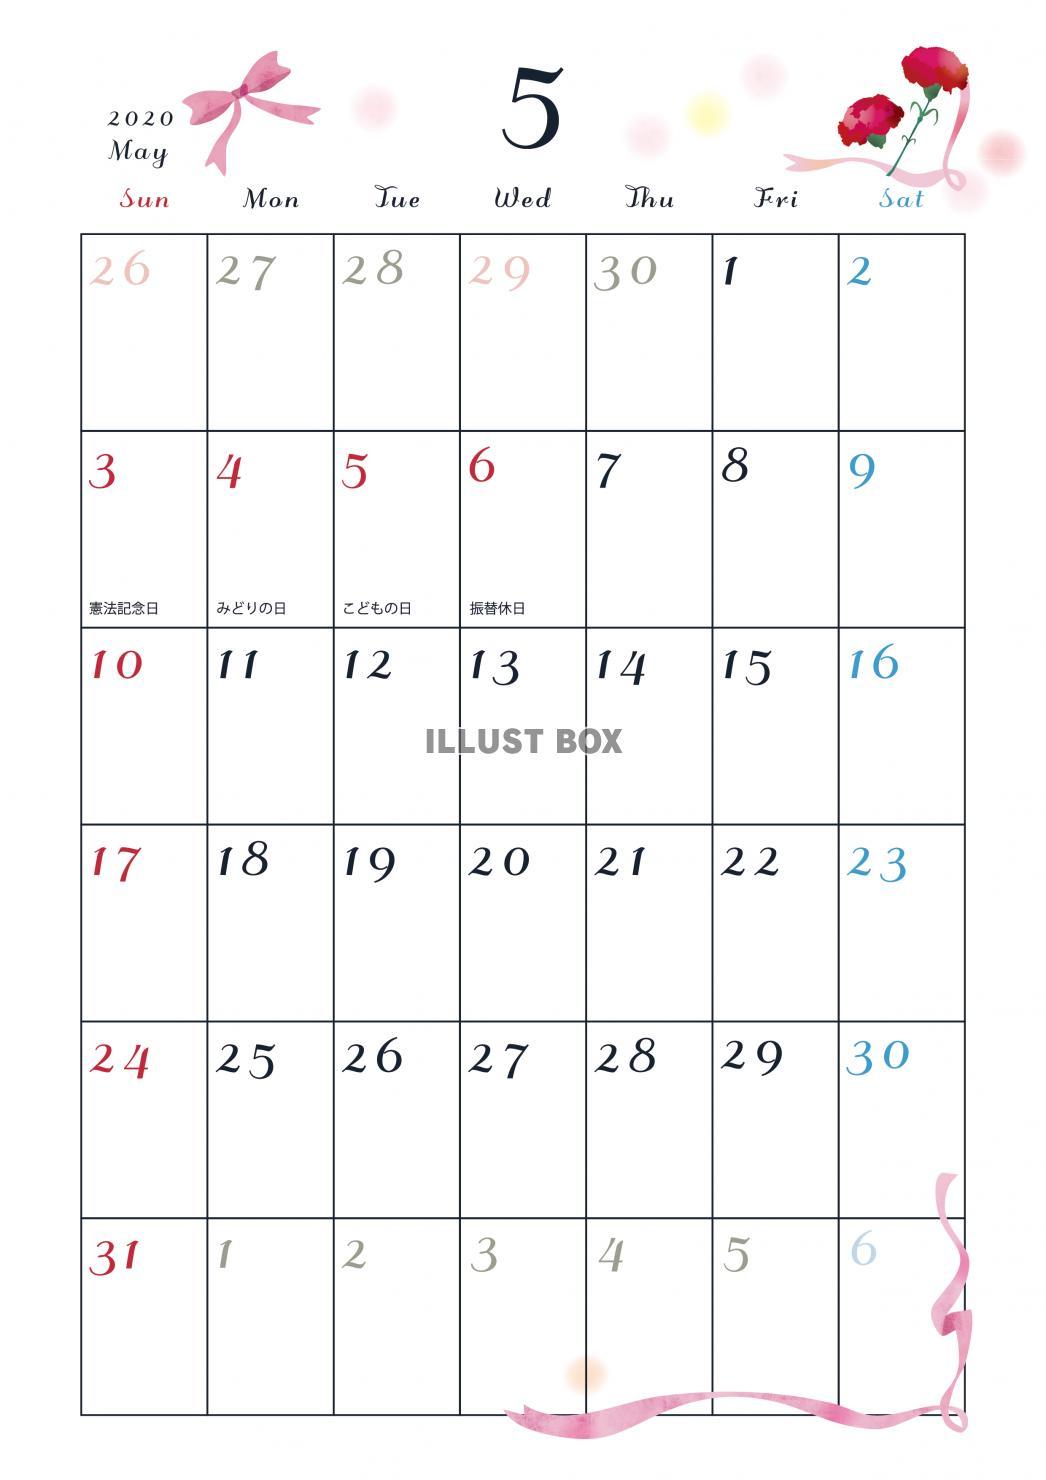 無料イラスト 年 カレンダー 5月縦型 月イメージイラスト